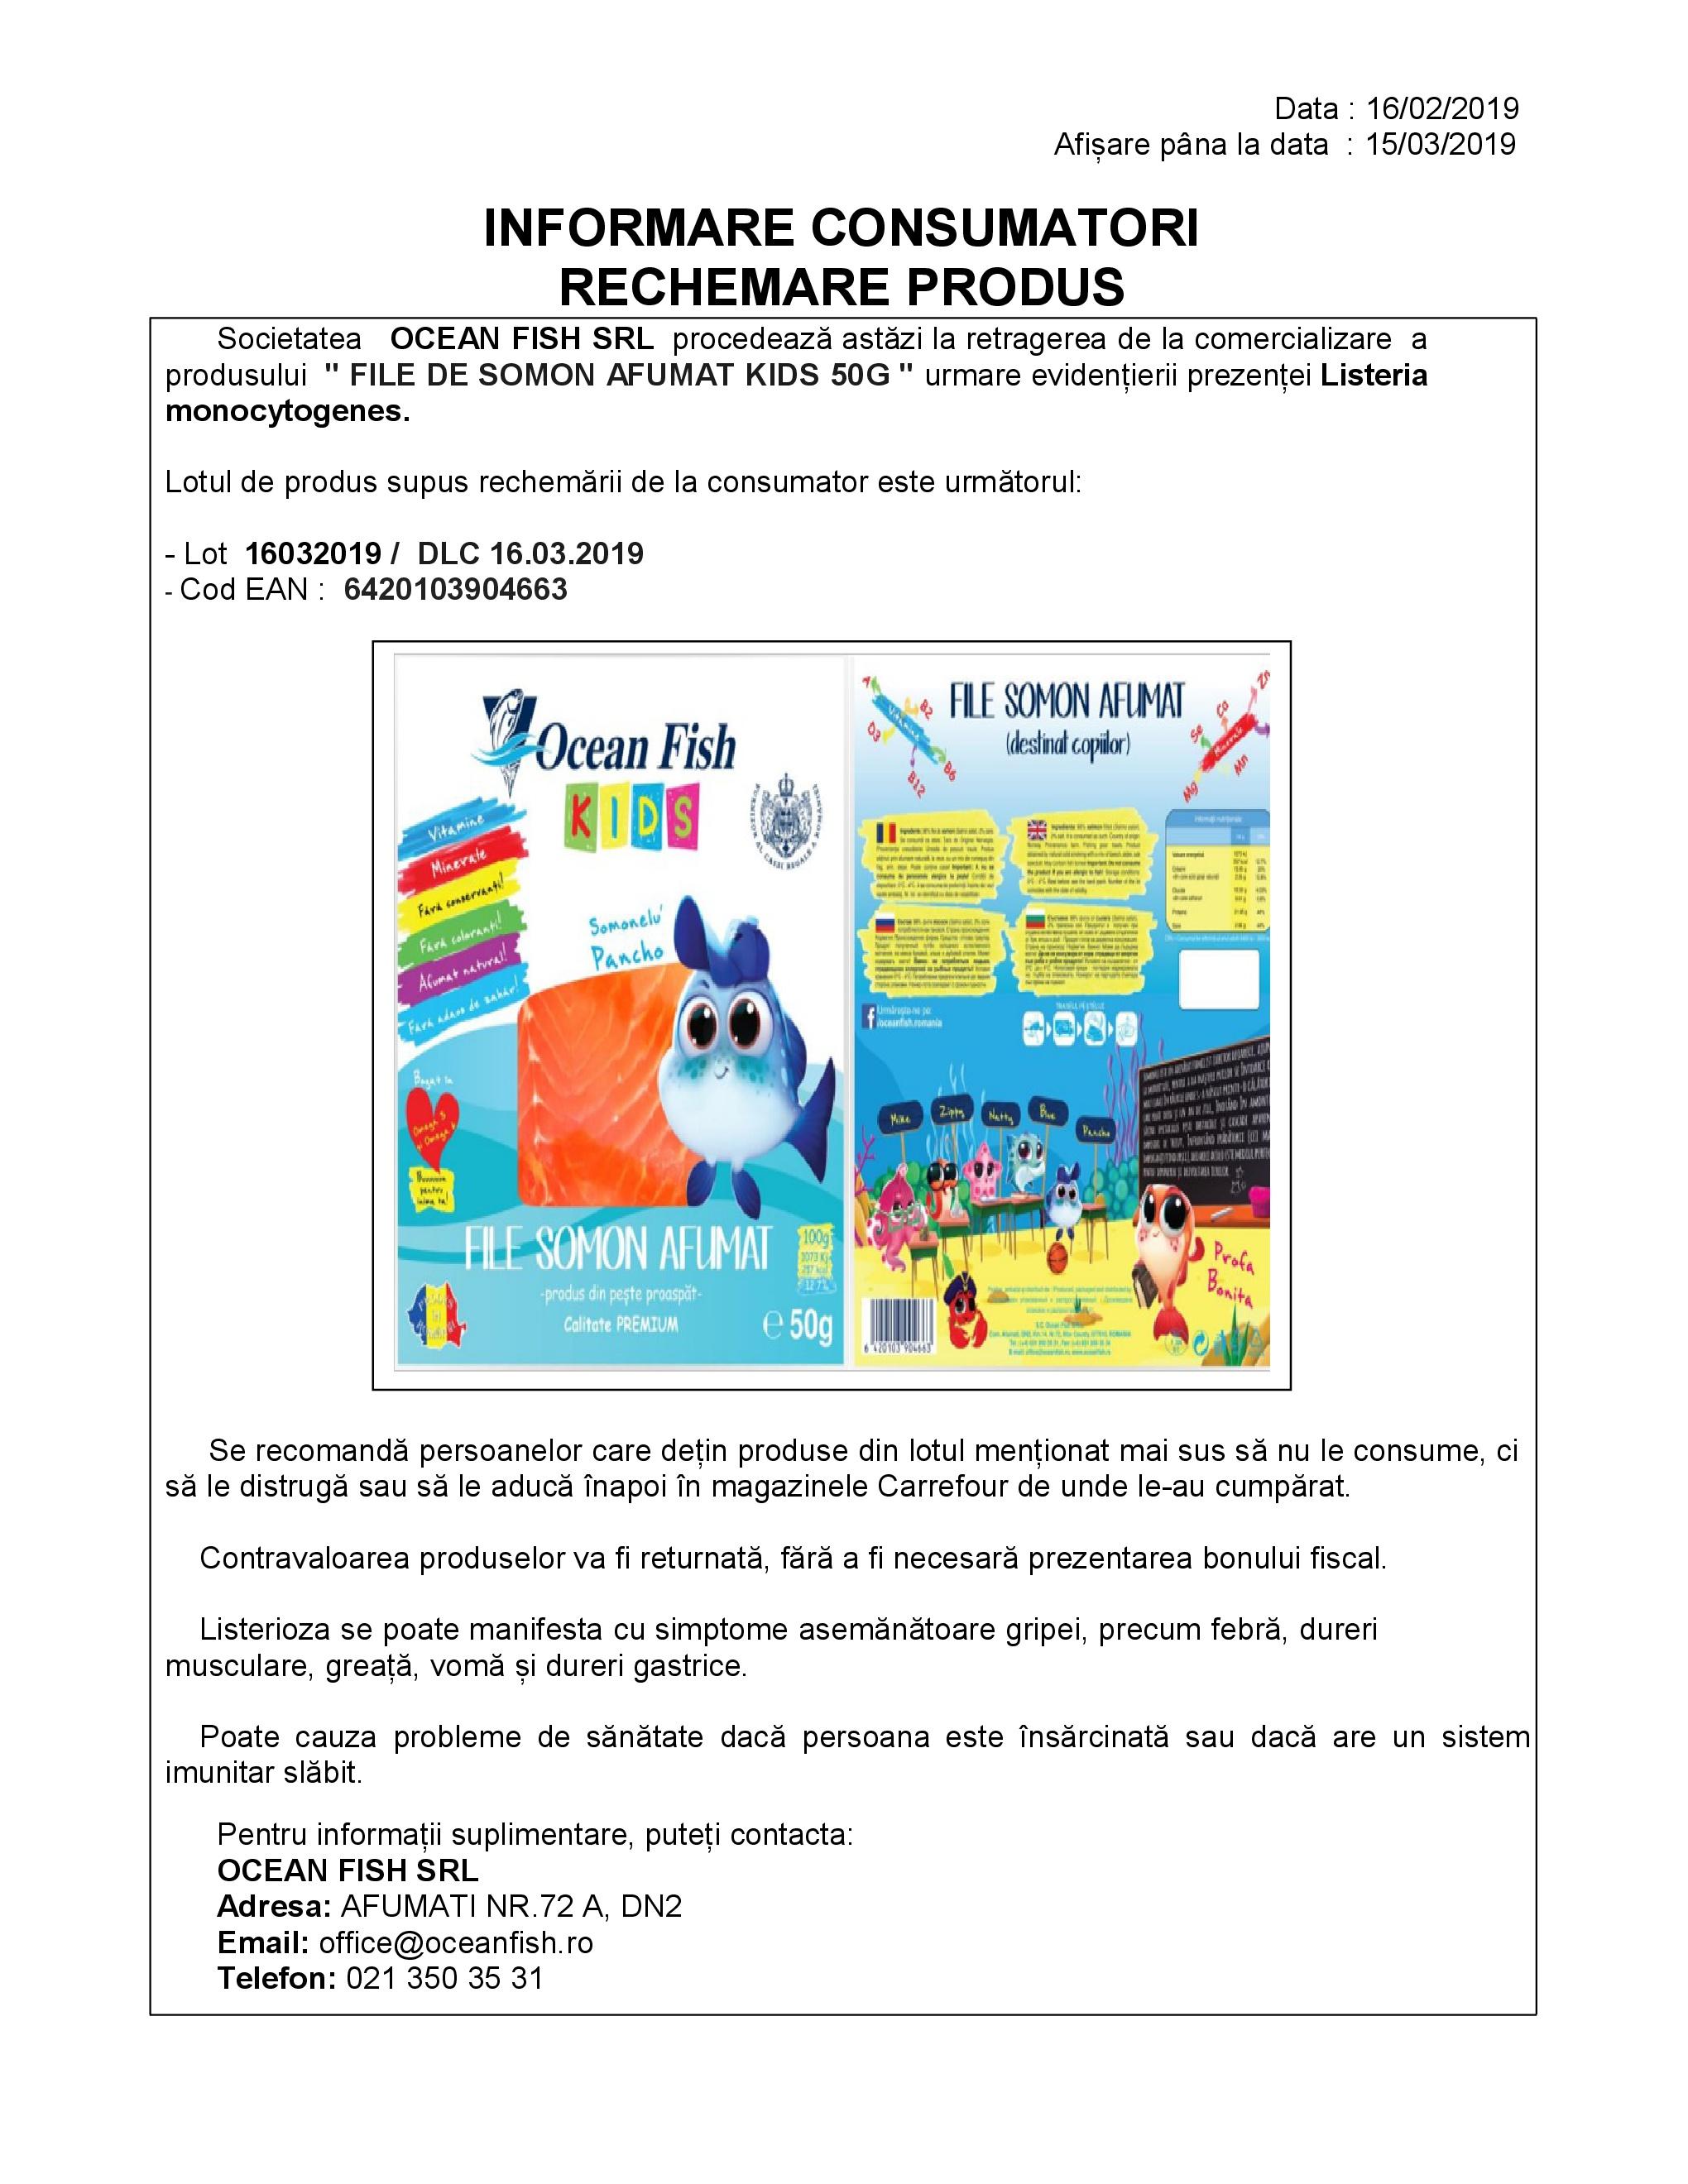 Informare consumatori Rechemare Produs